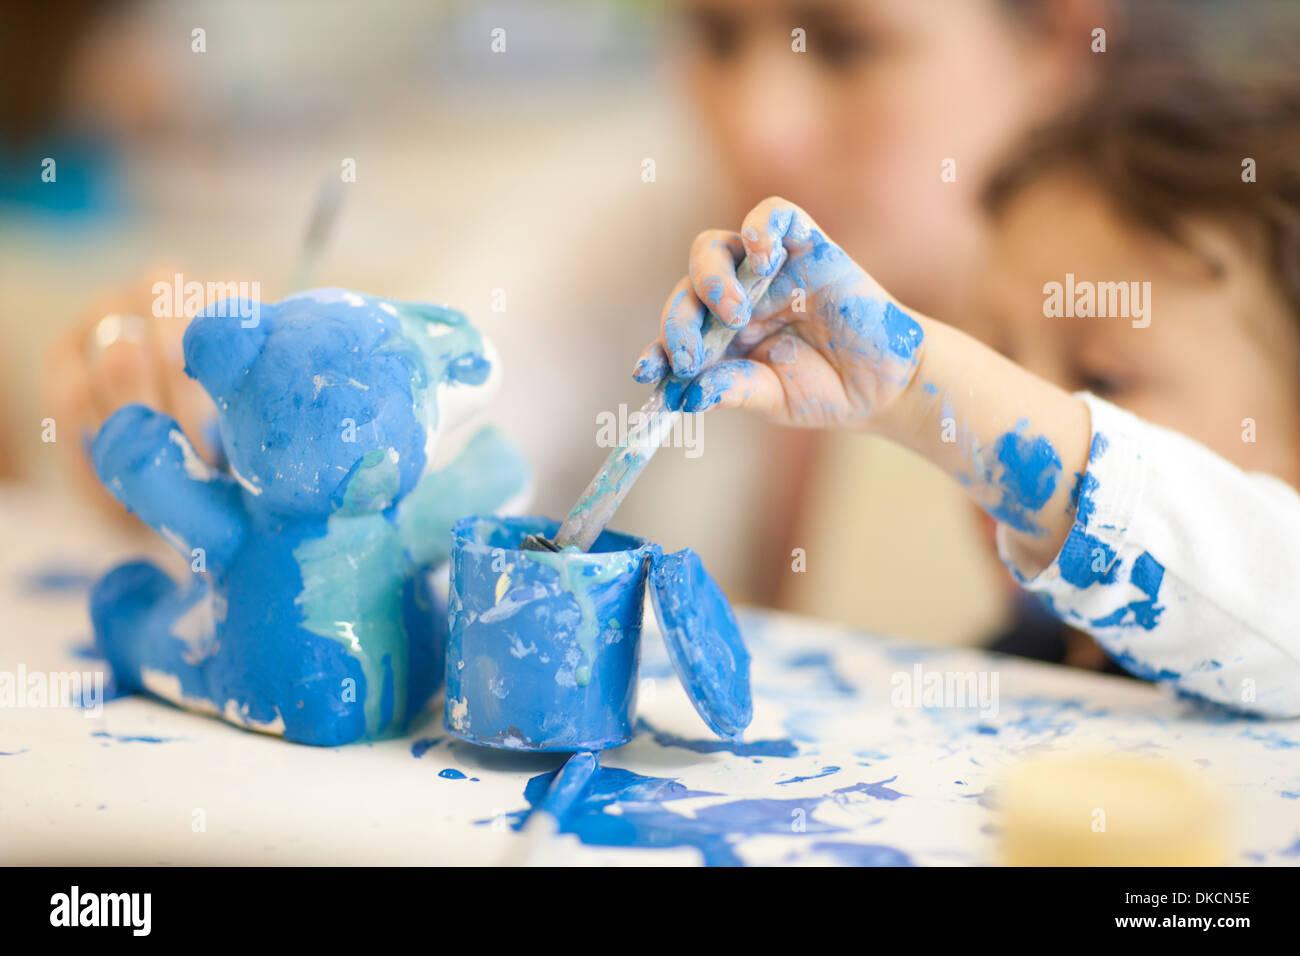 Bambino gioca con acquerello in classe Immagini Stock